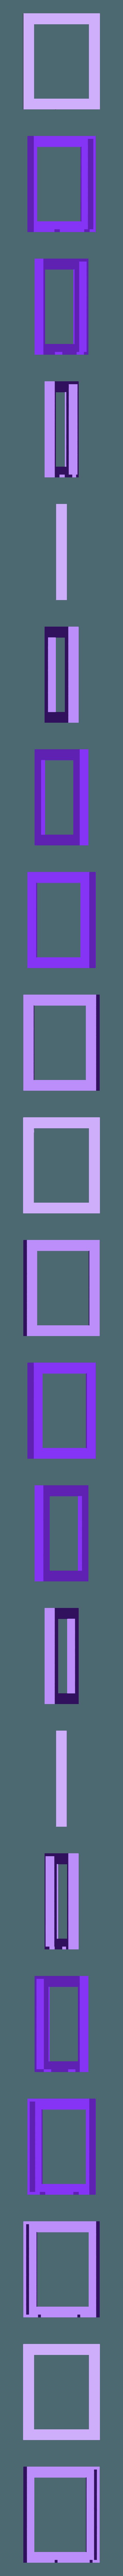 ardiuino_uno.stl Download free STL file BOARDUINO – ARDUINO ALL IN ONE BREADBOARD STAND • 3D printing template, TheTNR